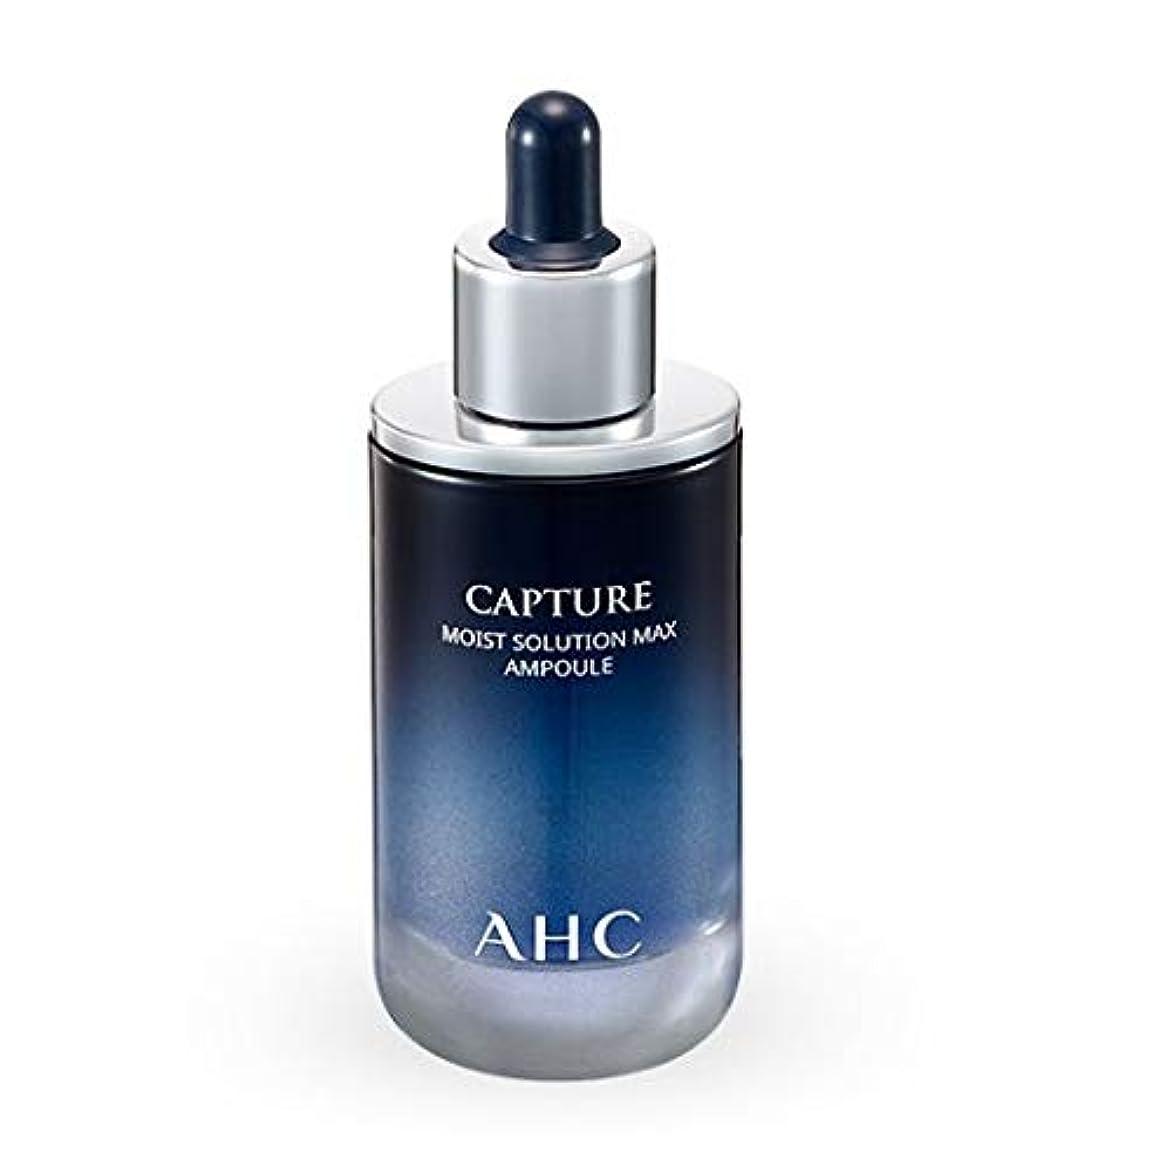 ひばり通知する配列AHC Capture Moist Solution Max Ampoule/キャプチャー モイスト ソリューション マックス アンプル 50ml [並行輸入品]